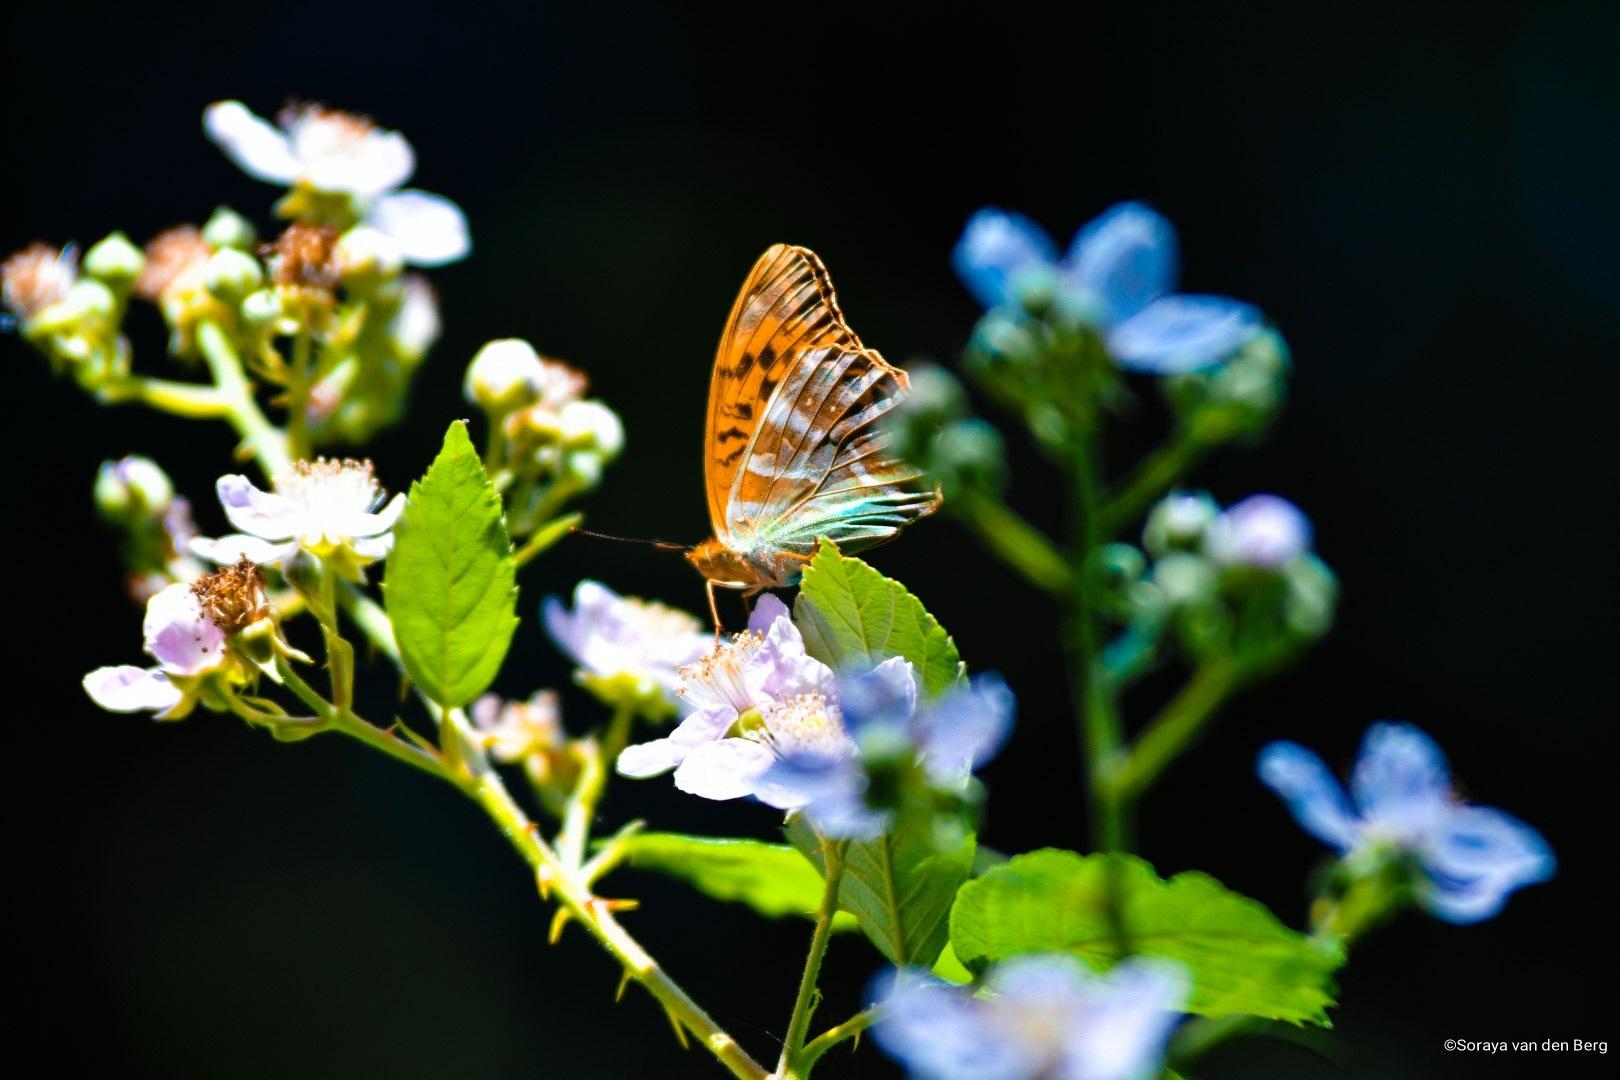 Butterfly by SorayavdB